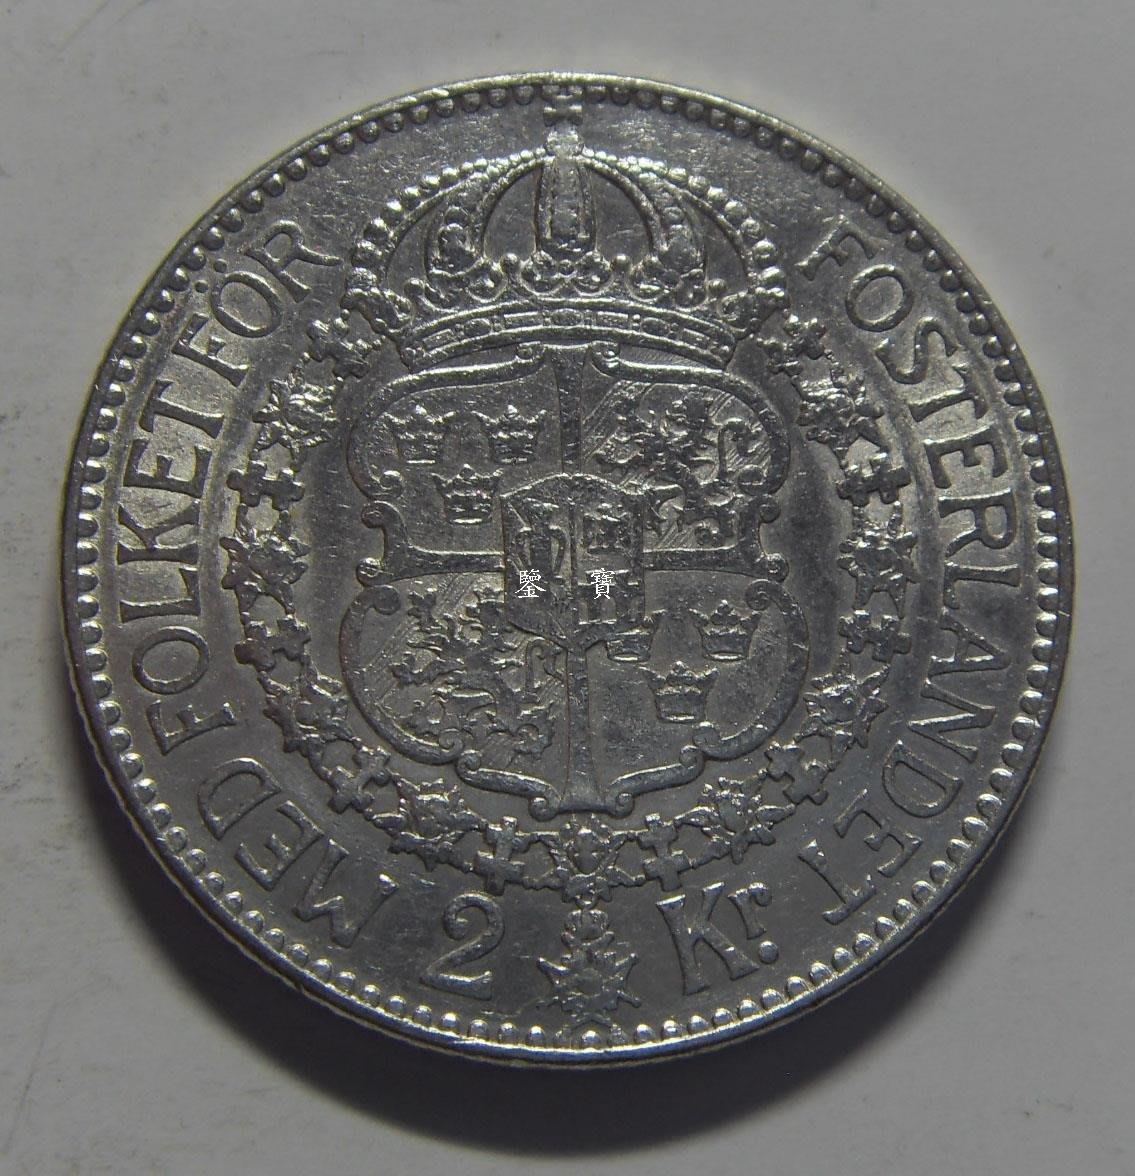 【鑒 寶】(世界各國錢幣)瑞典 1913年  2克朗 銀幣 - 直徑:31mm 重量:15克 含銀:80% BTG1605